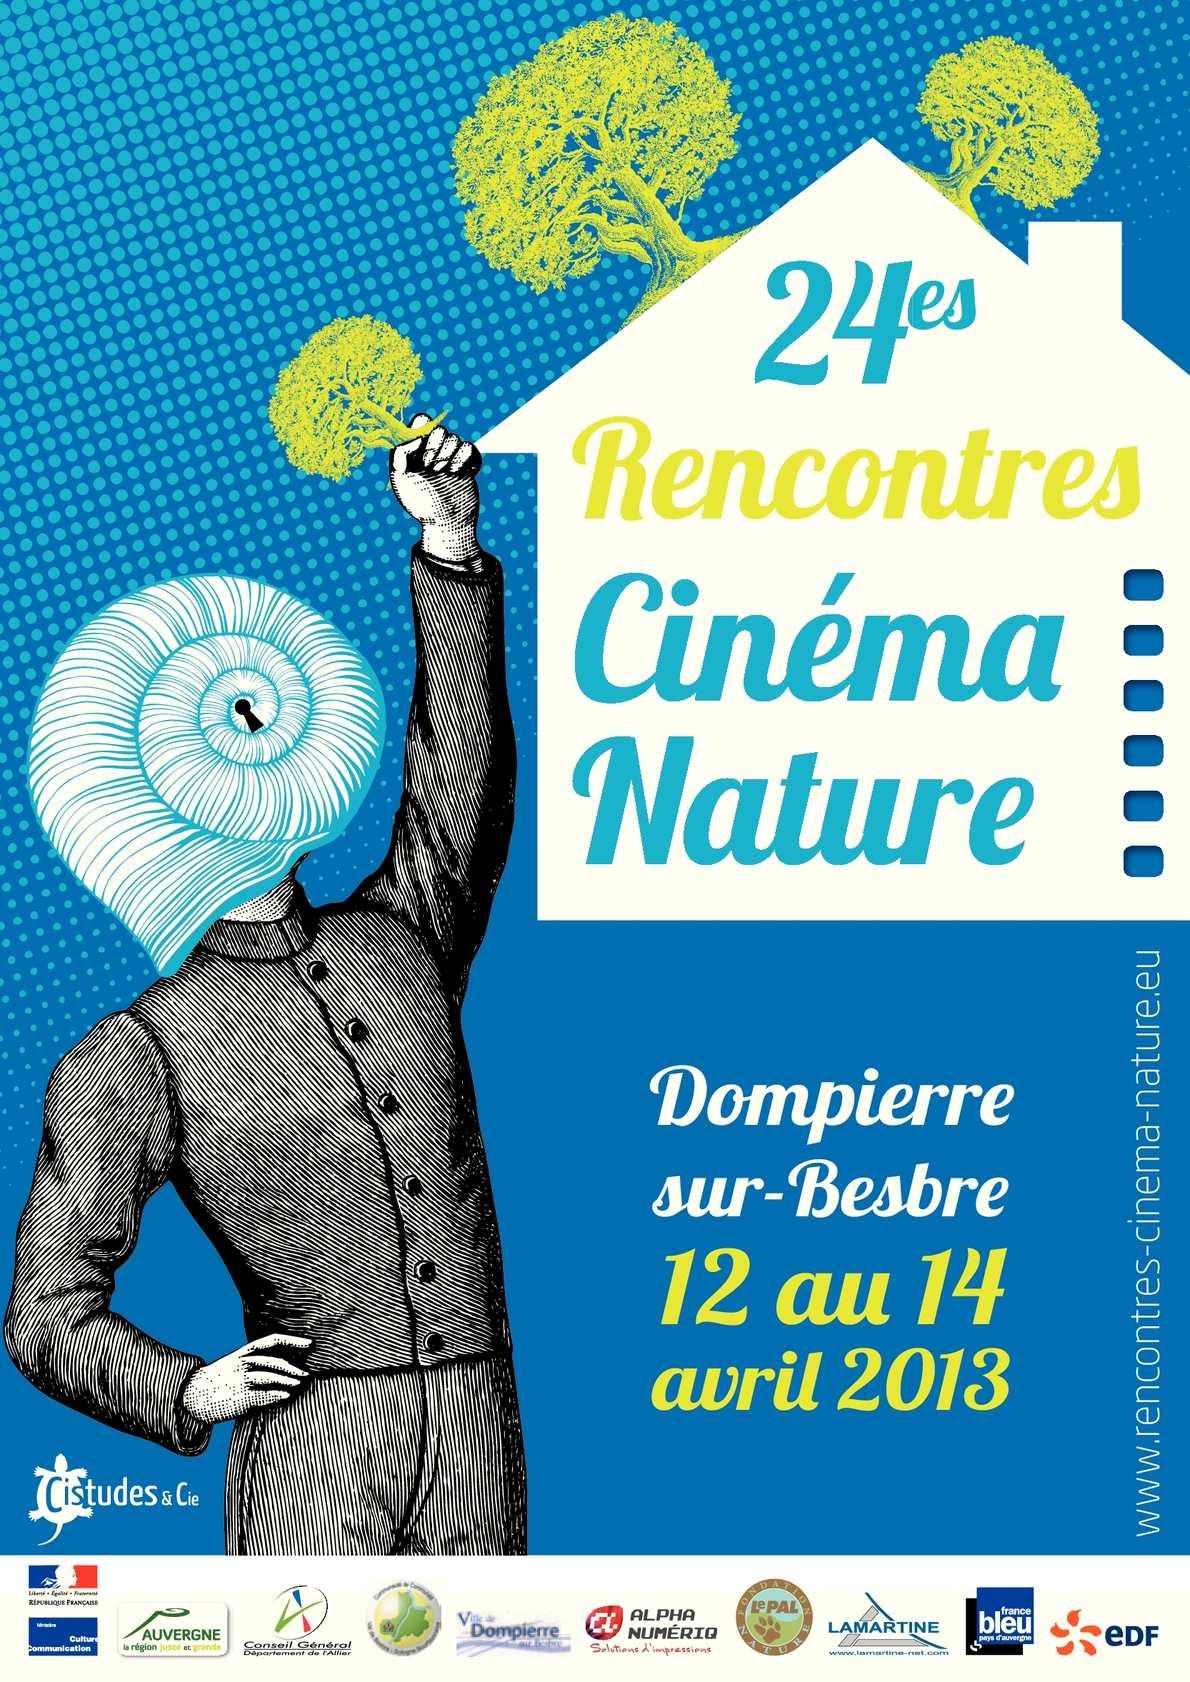 Rencontres cinema nature